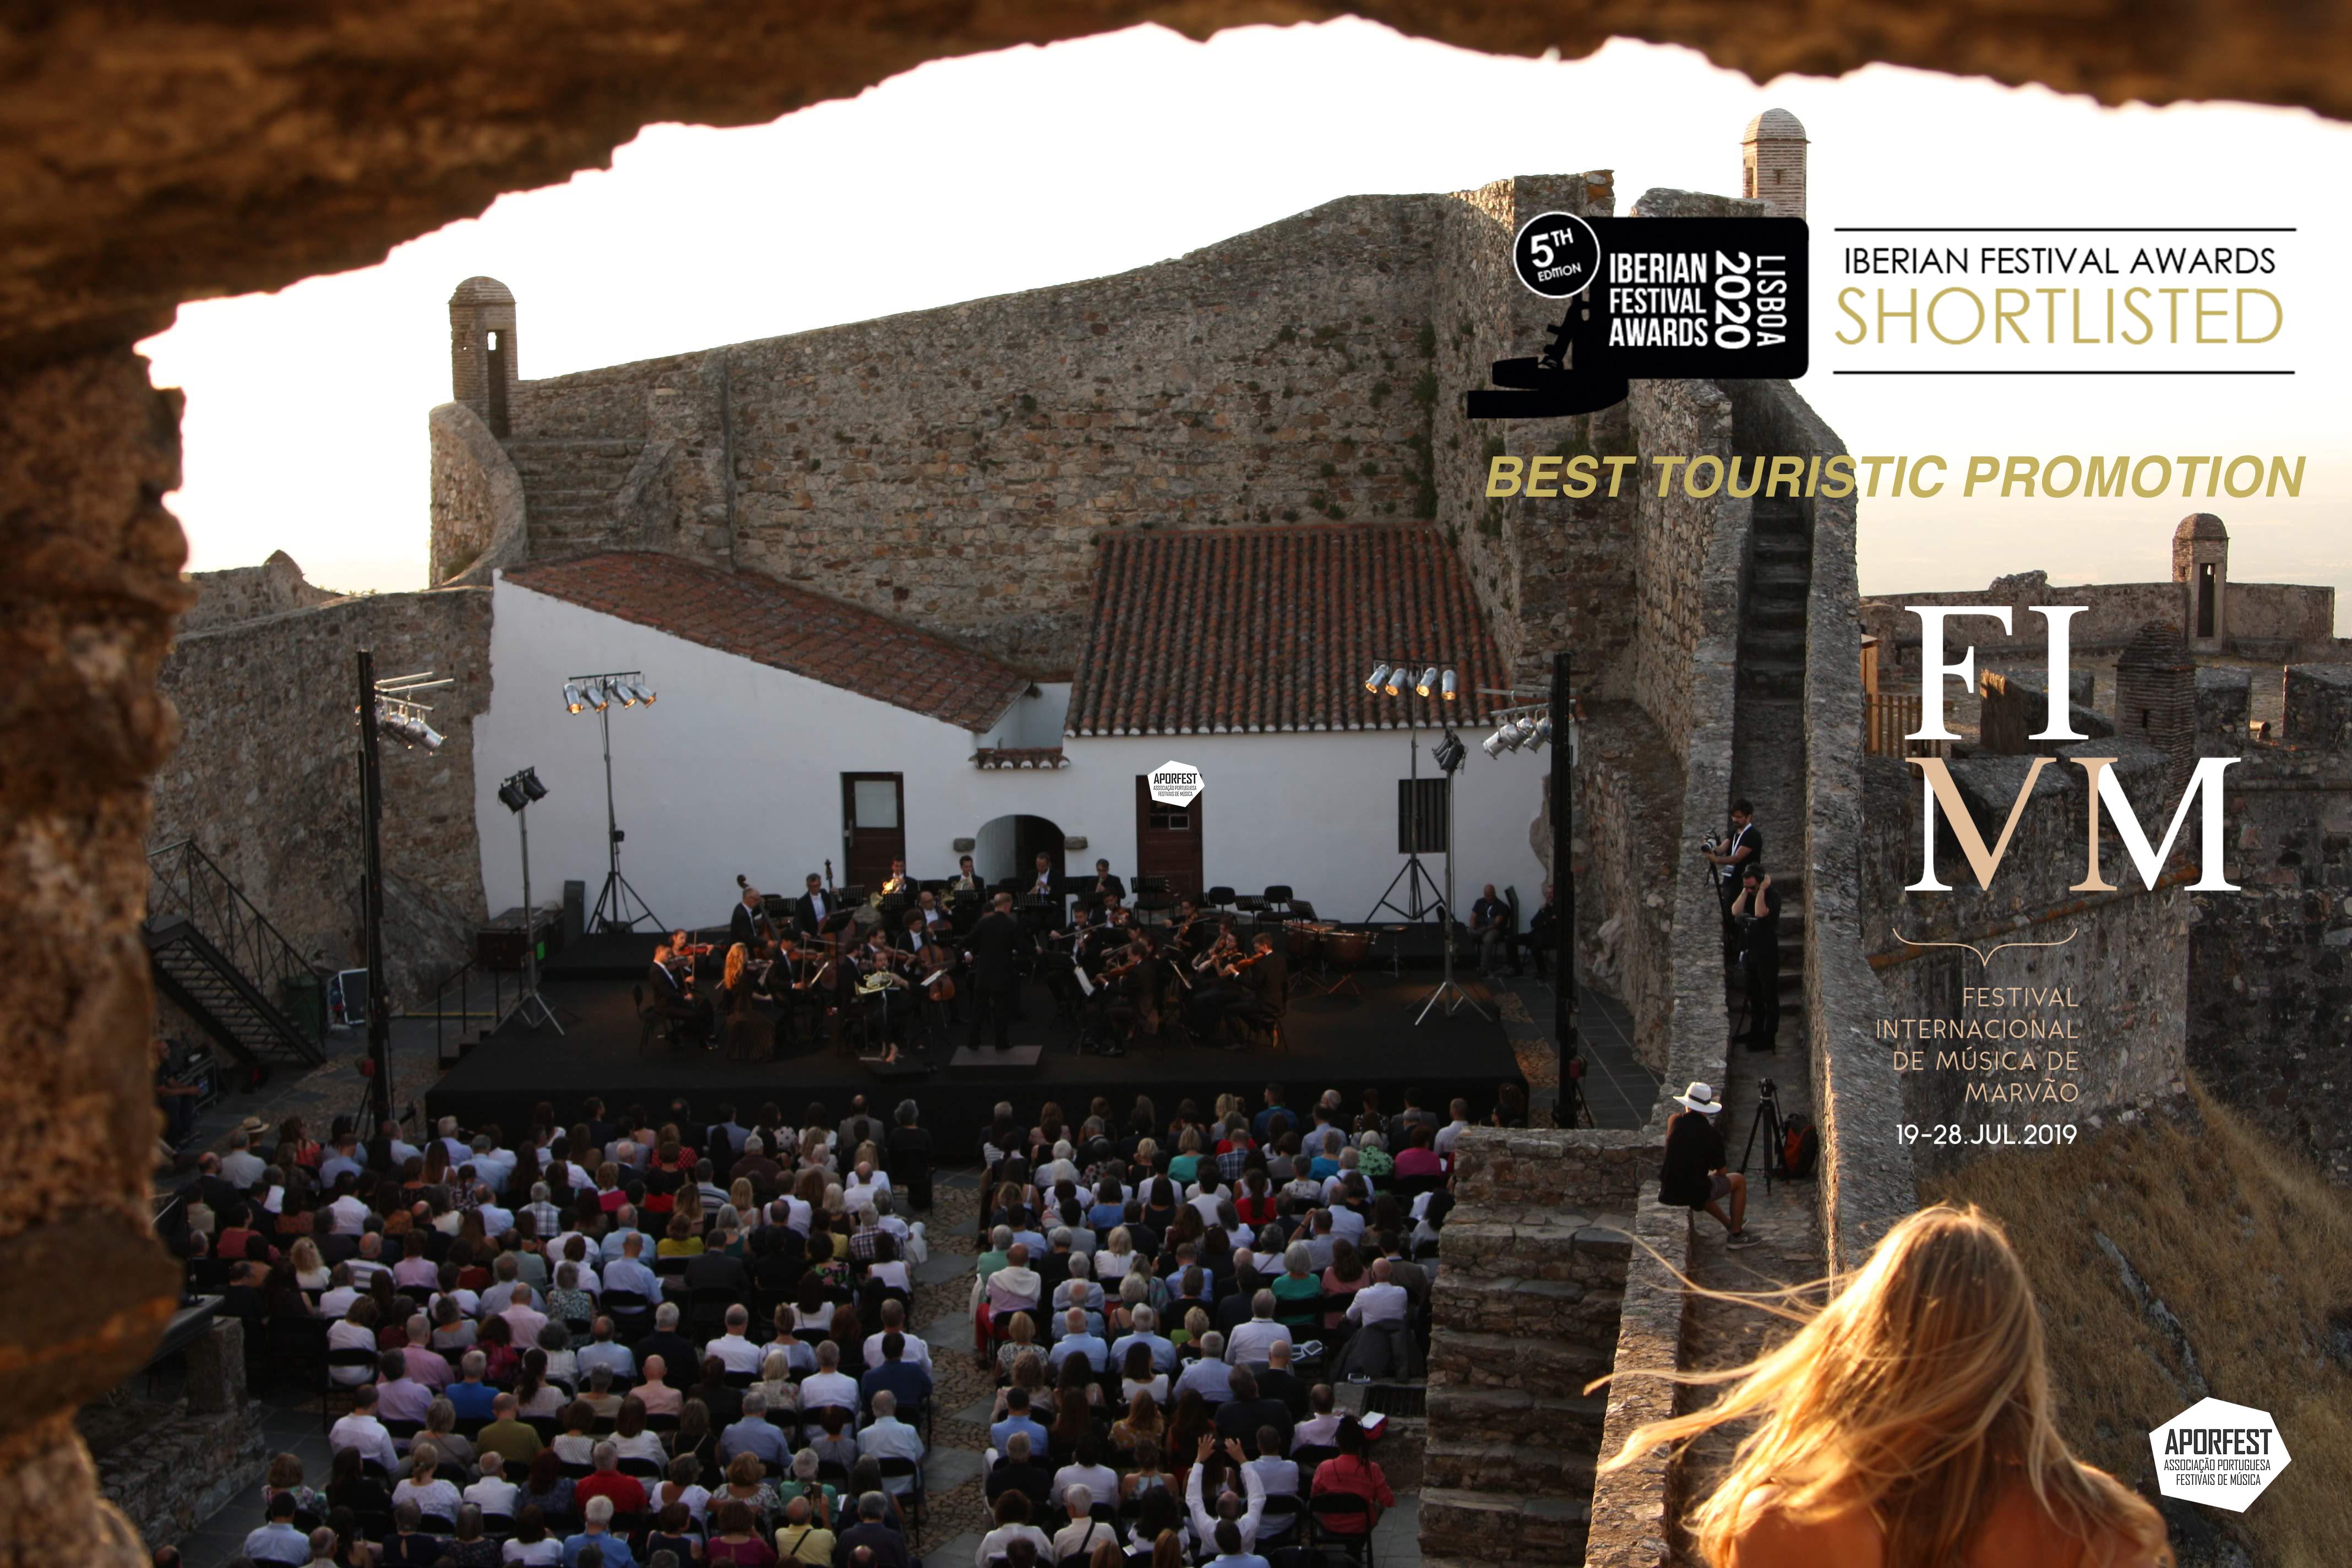 Festival de Marvão finalista Iberian Festival Awards 2020